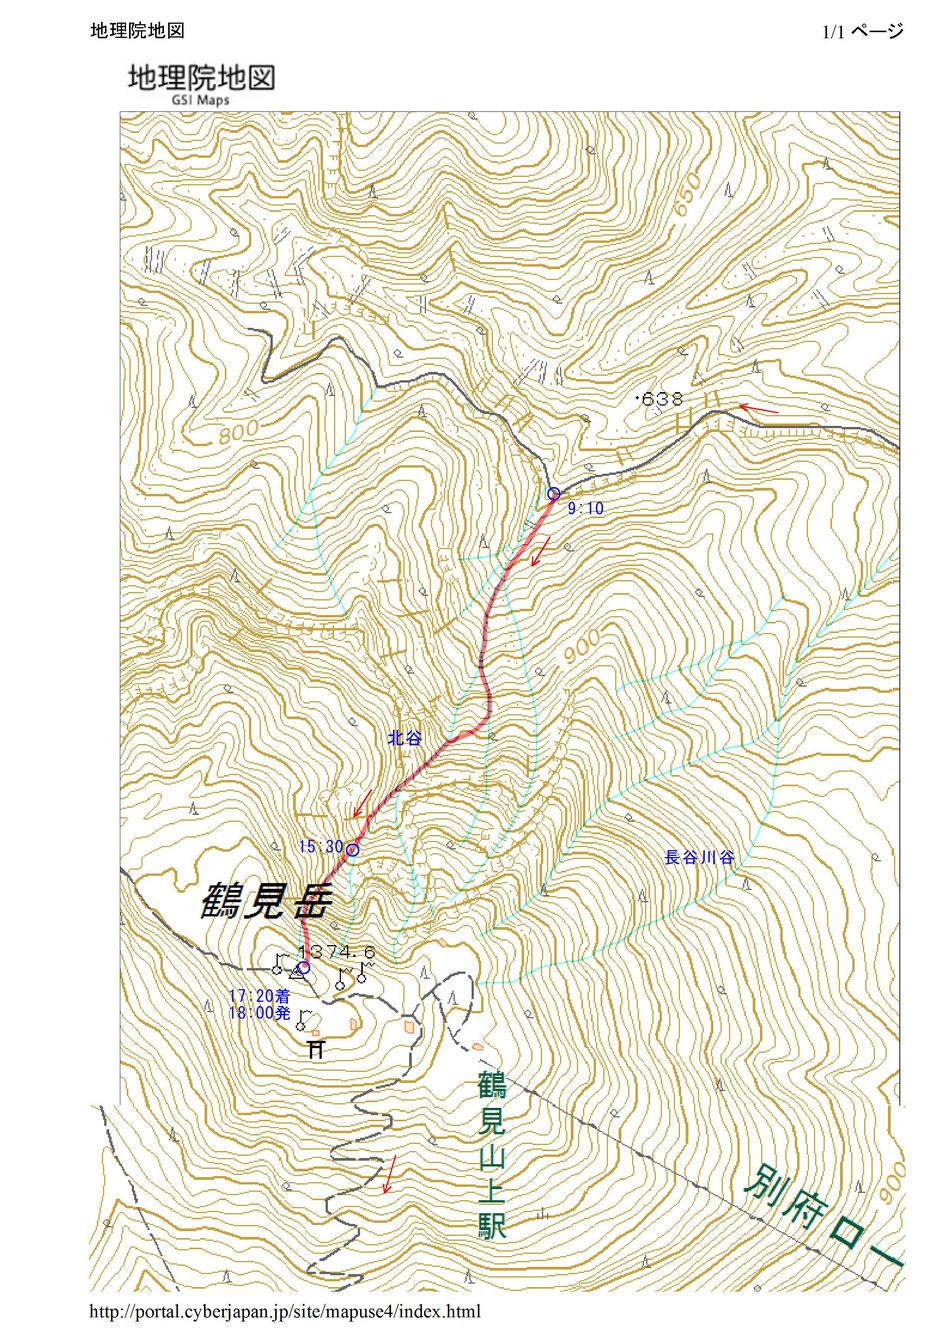 鶴見岳(北谷登はんルート)